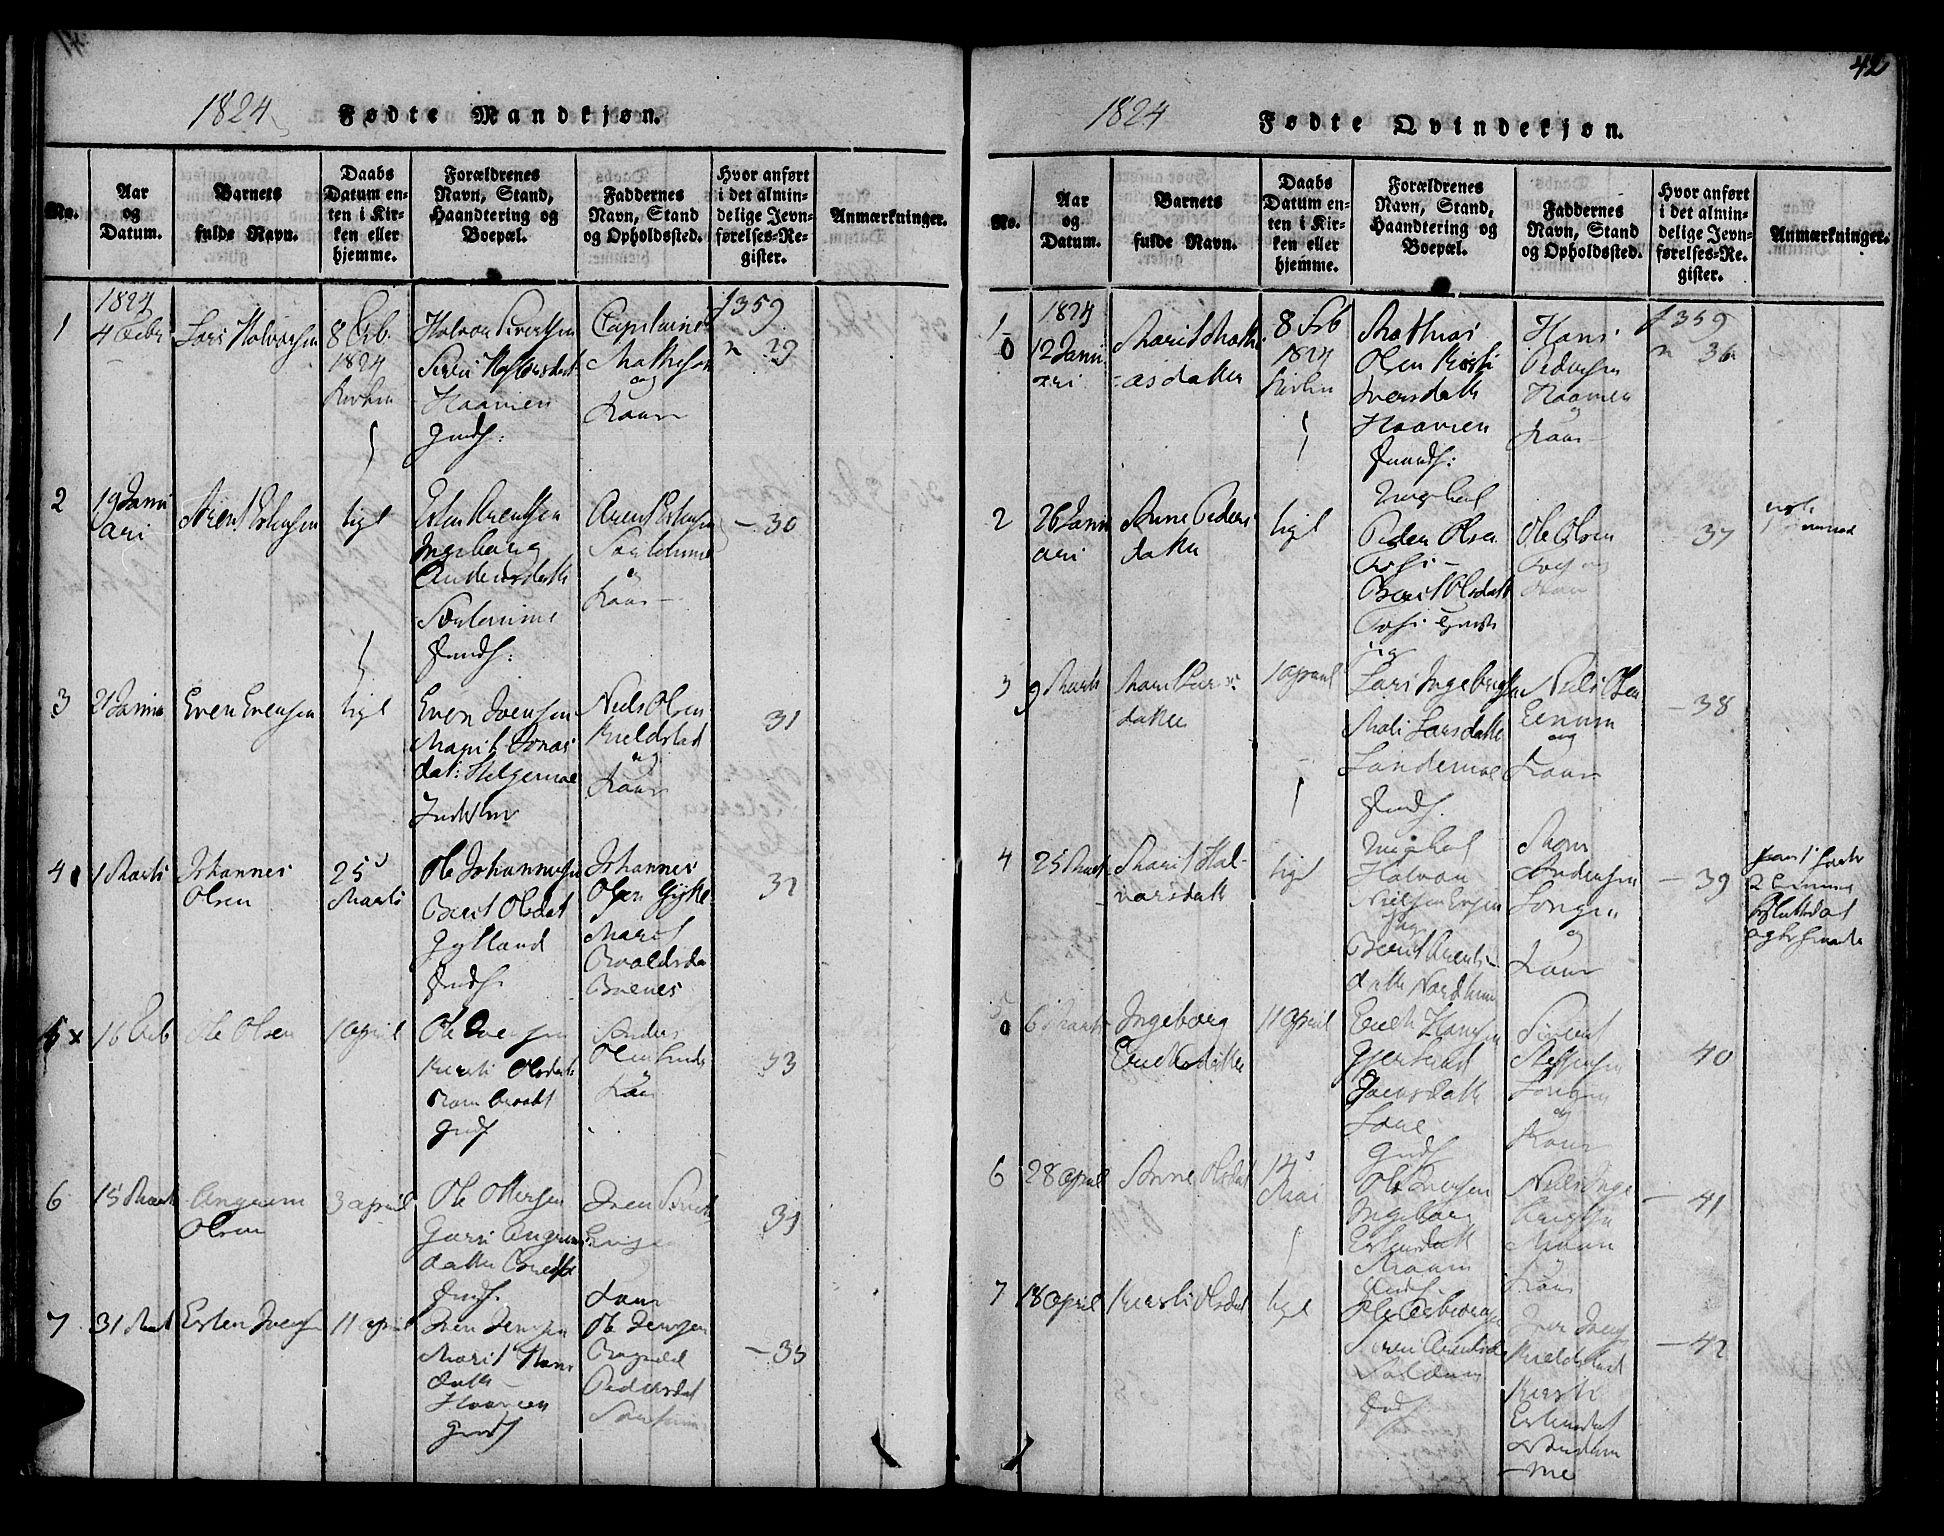 SAT, Ministerialprotokoller, klokkerbøker og fødselsregistre - Sør-Trøndelag, 692/L1102: Ministerialbok nr. 692A02, 1816-1842, s. 42